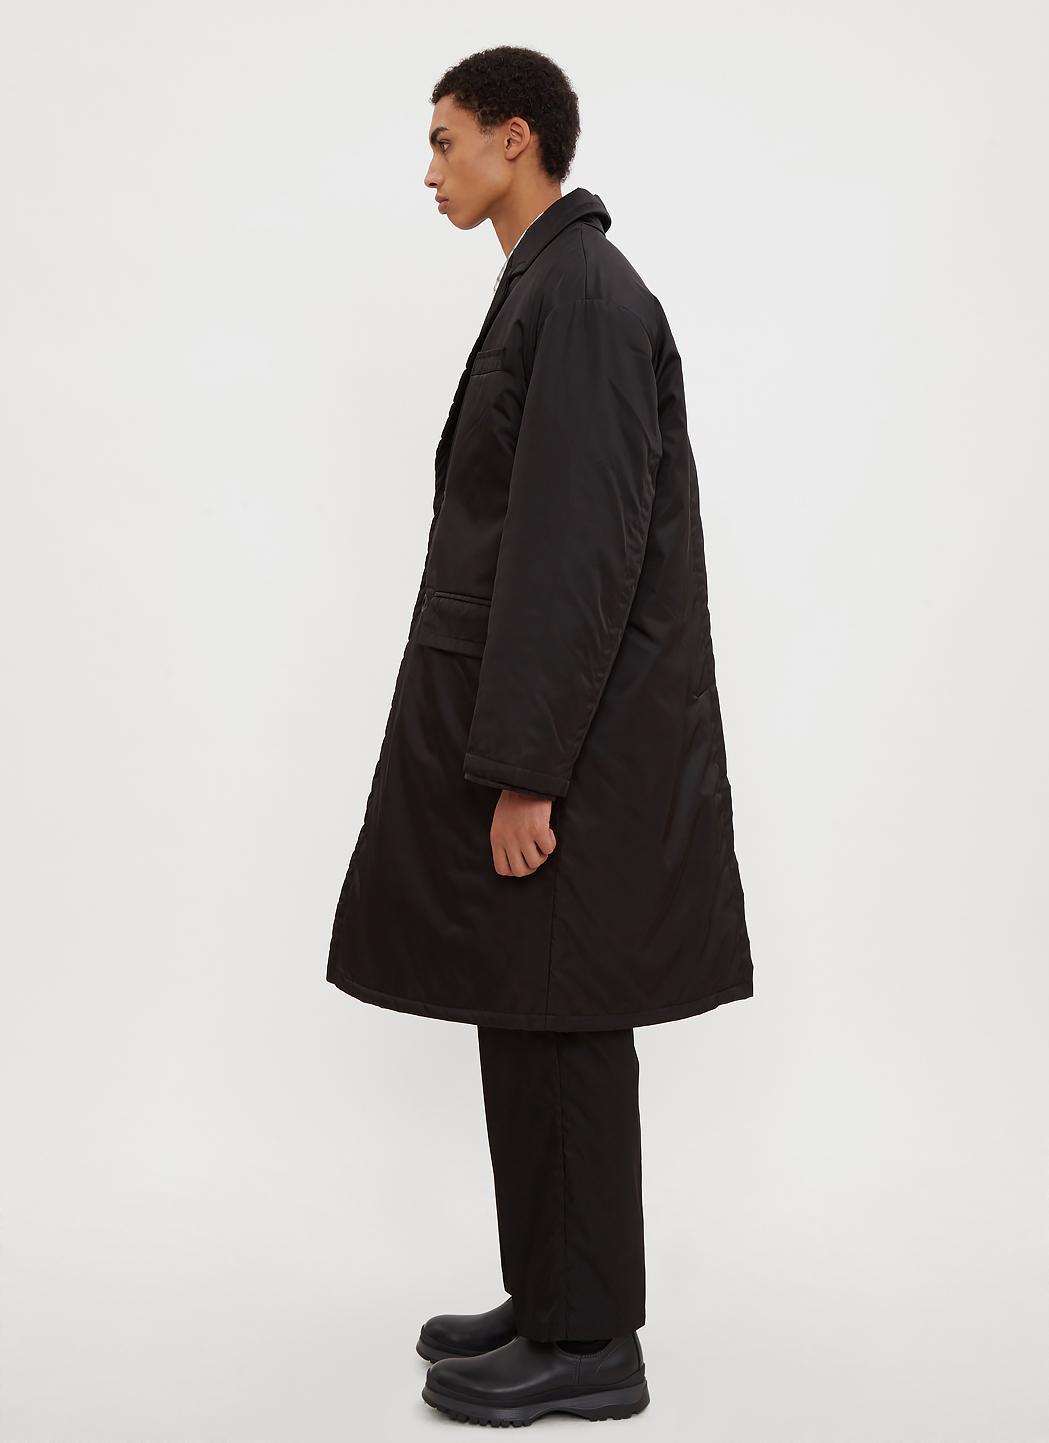 In Lyst for Layer Coat Black in Nylon Men Double Black Prada rXPzXcA